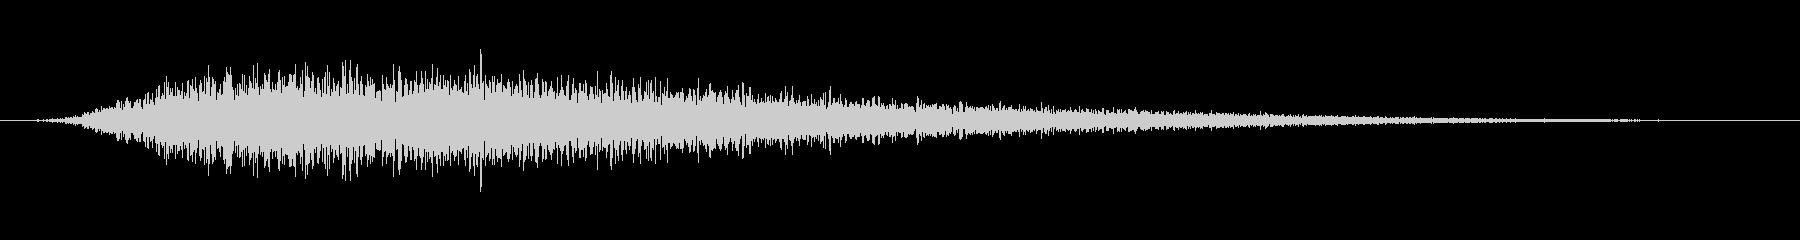 リバーブ付きブラストリバーススティンガーの未再生の波形